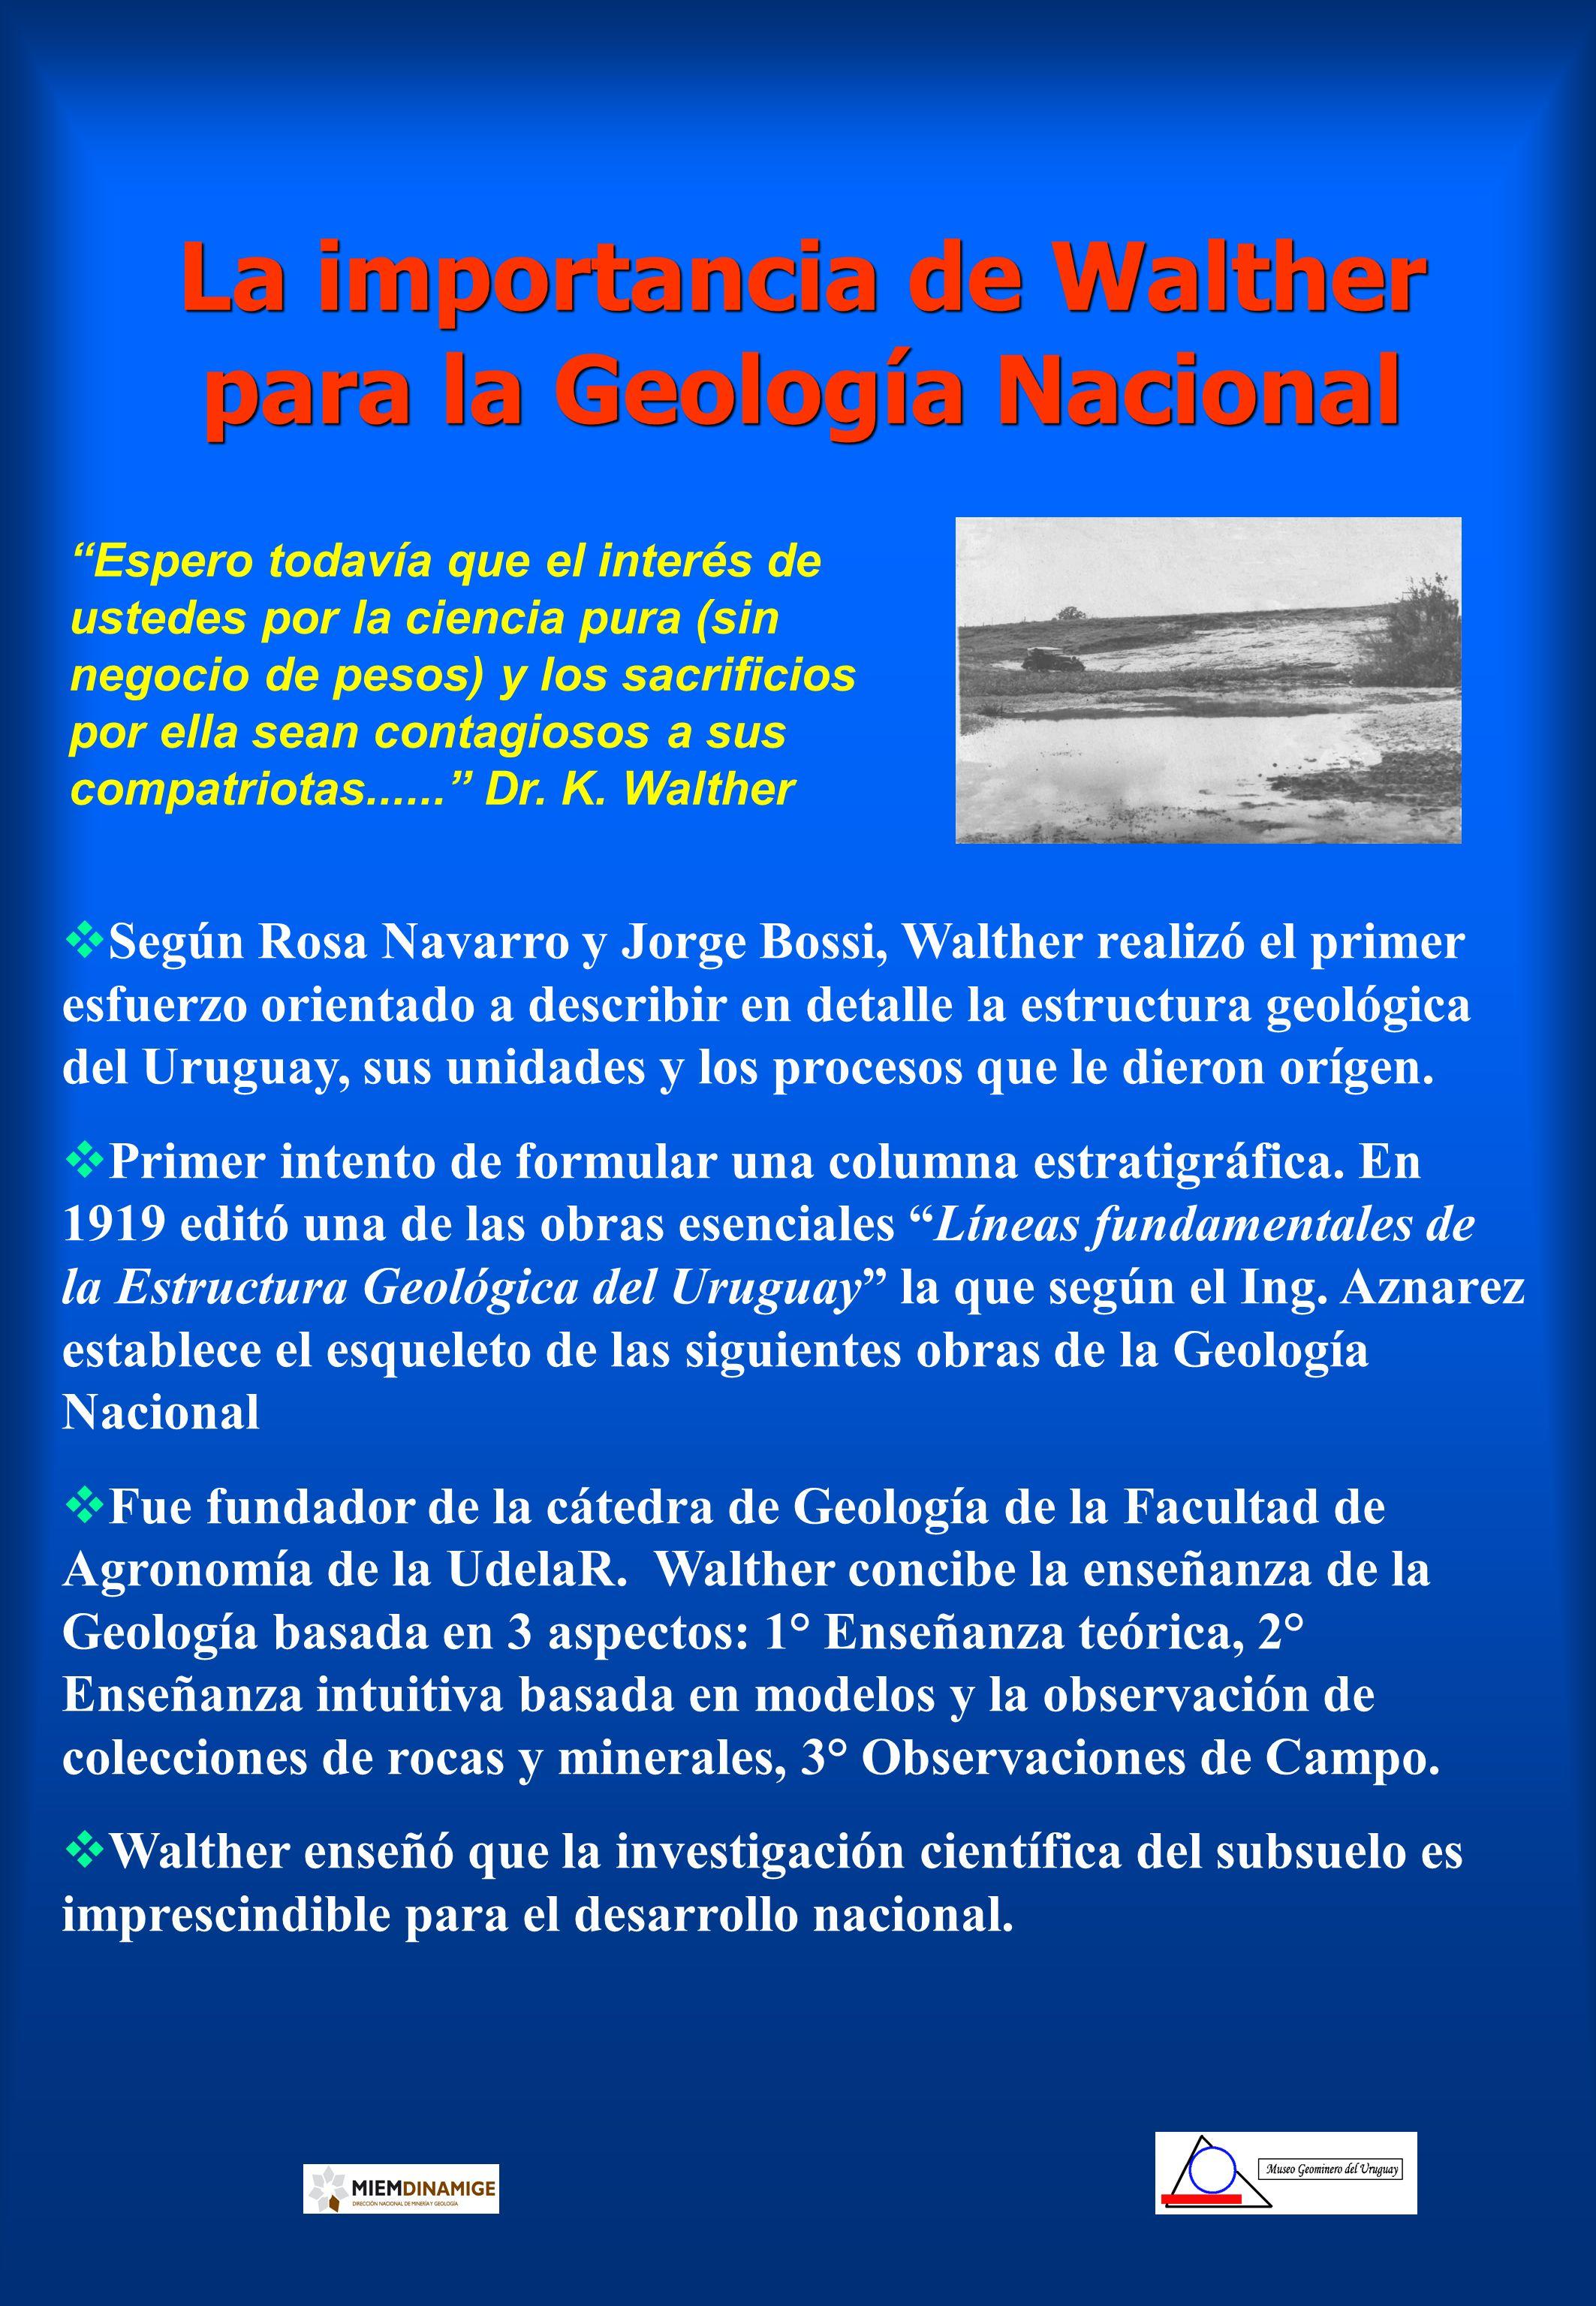 La importancia de Walther para la Geología Nacional